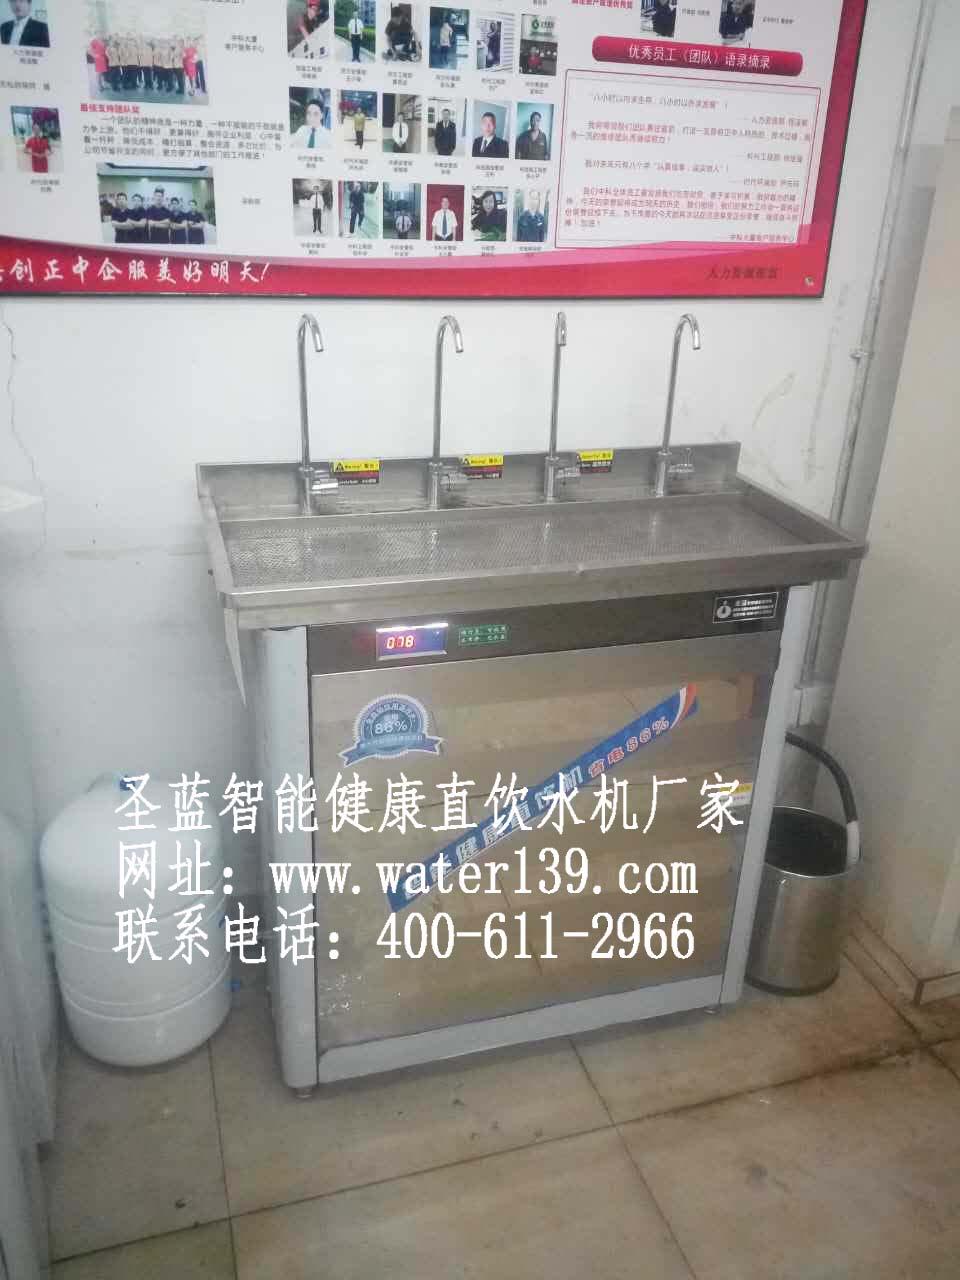 不锈钢节能饮水机滤芯耗材日常维护